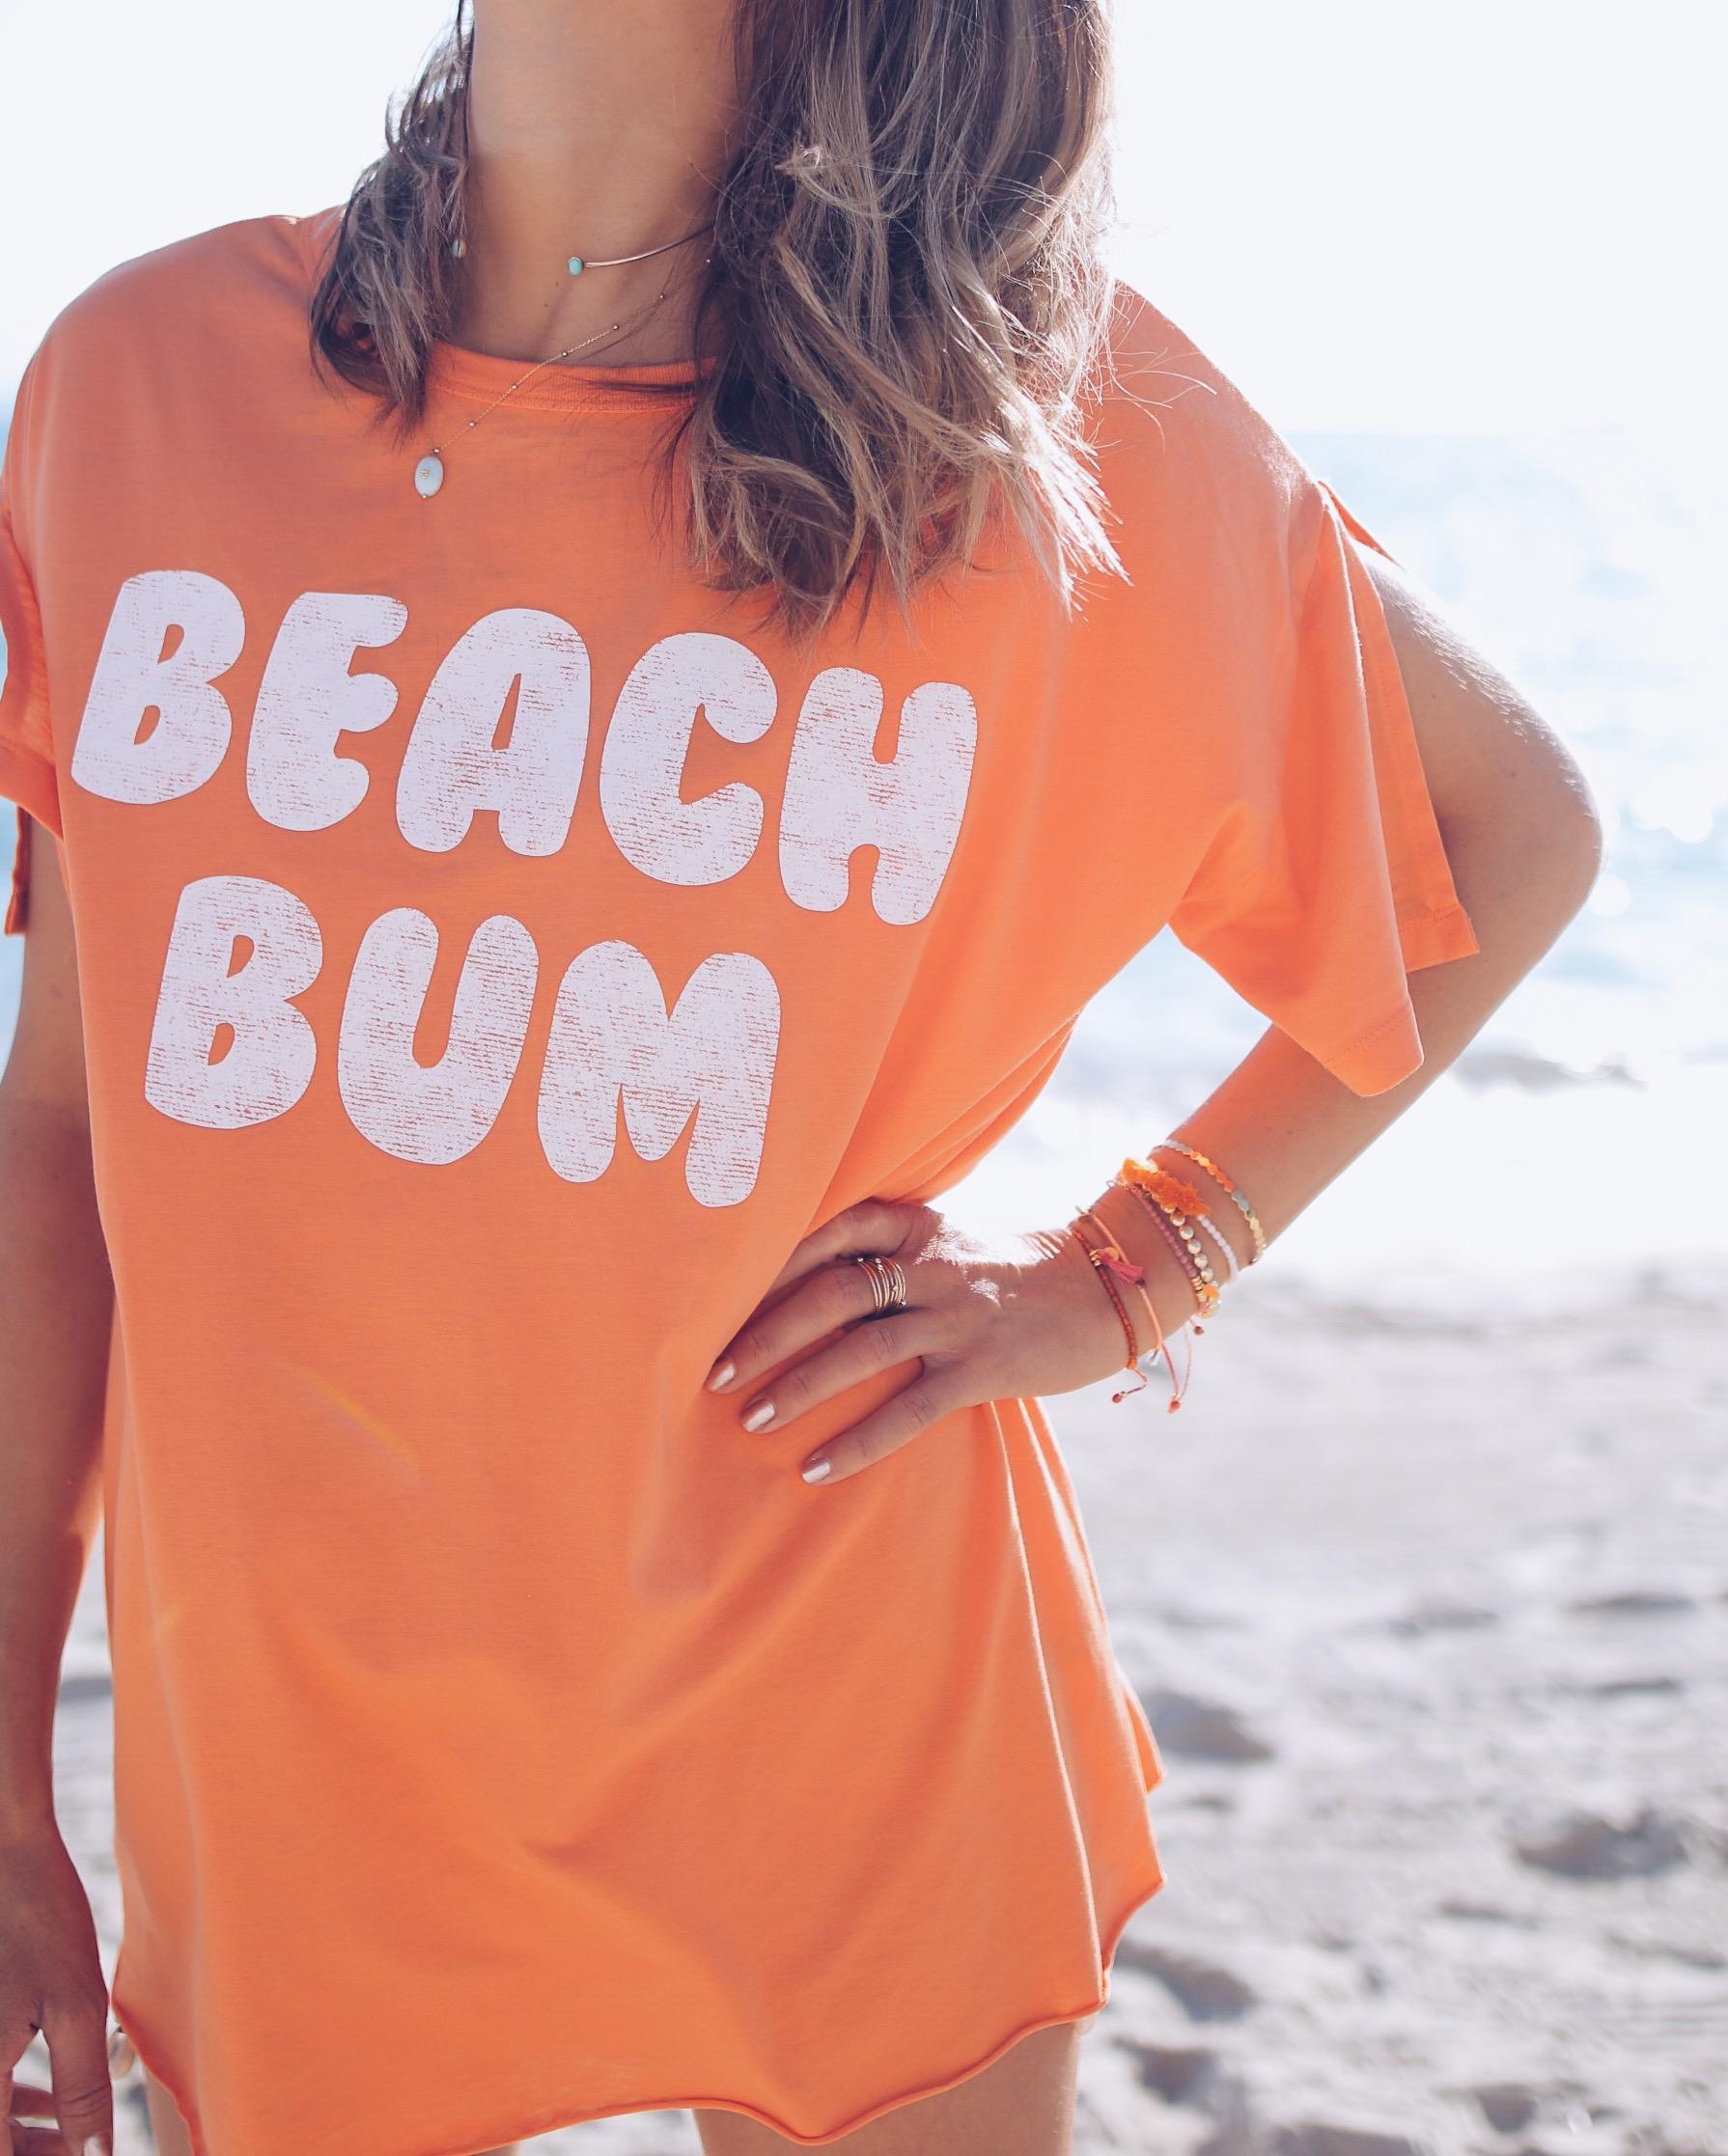 T-shirt beach bum, look plage, beach inspo, beach lover, beach outfit, beach outfit